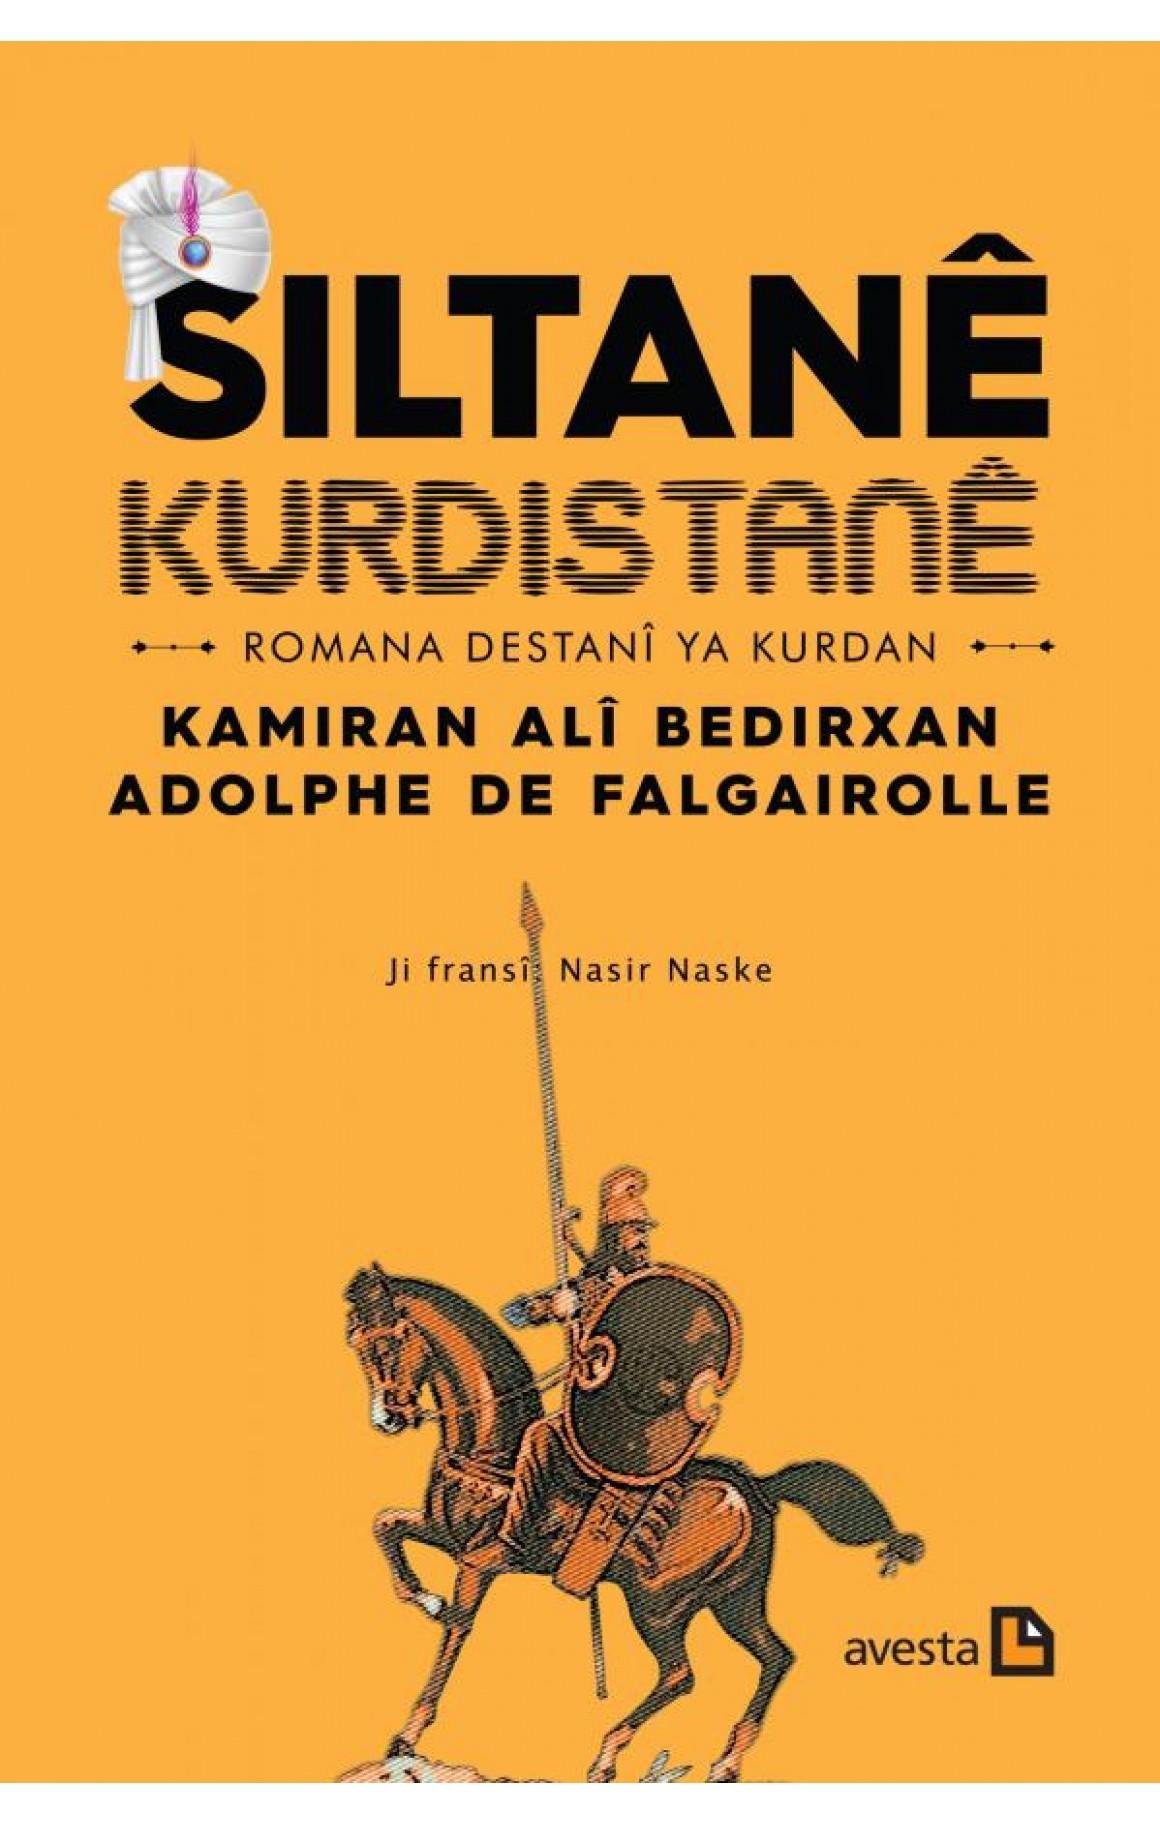 Siltanê Kurdistanê